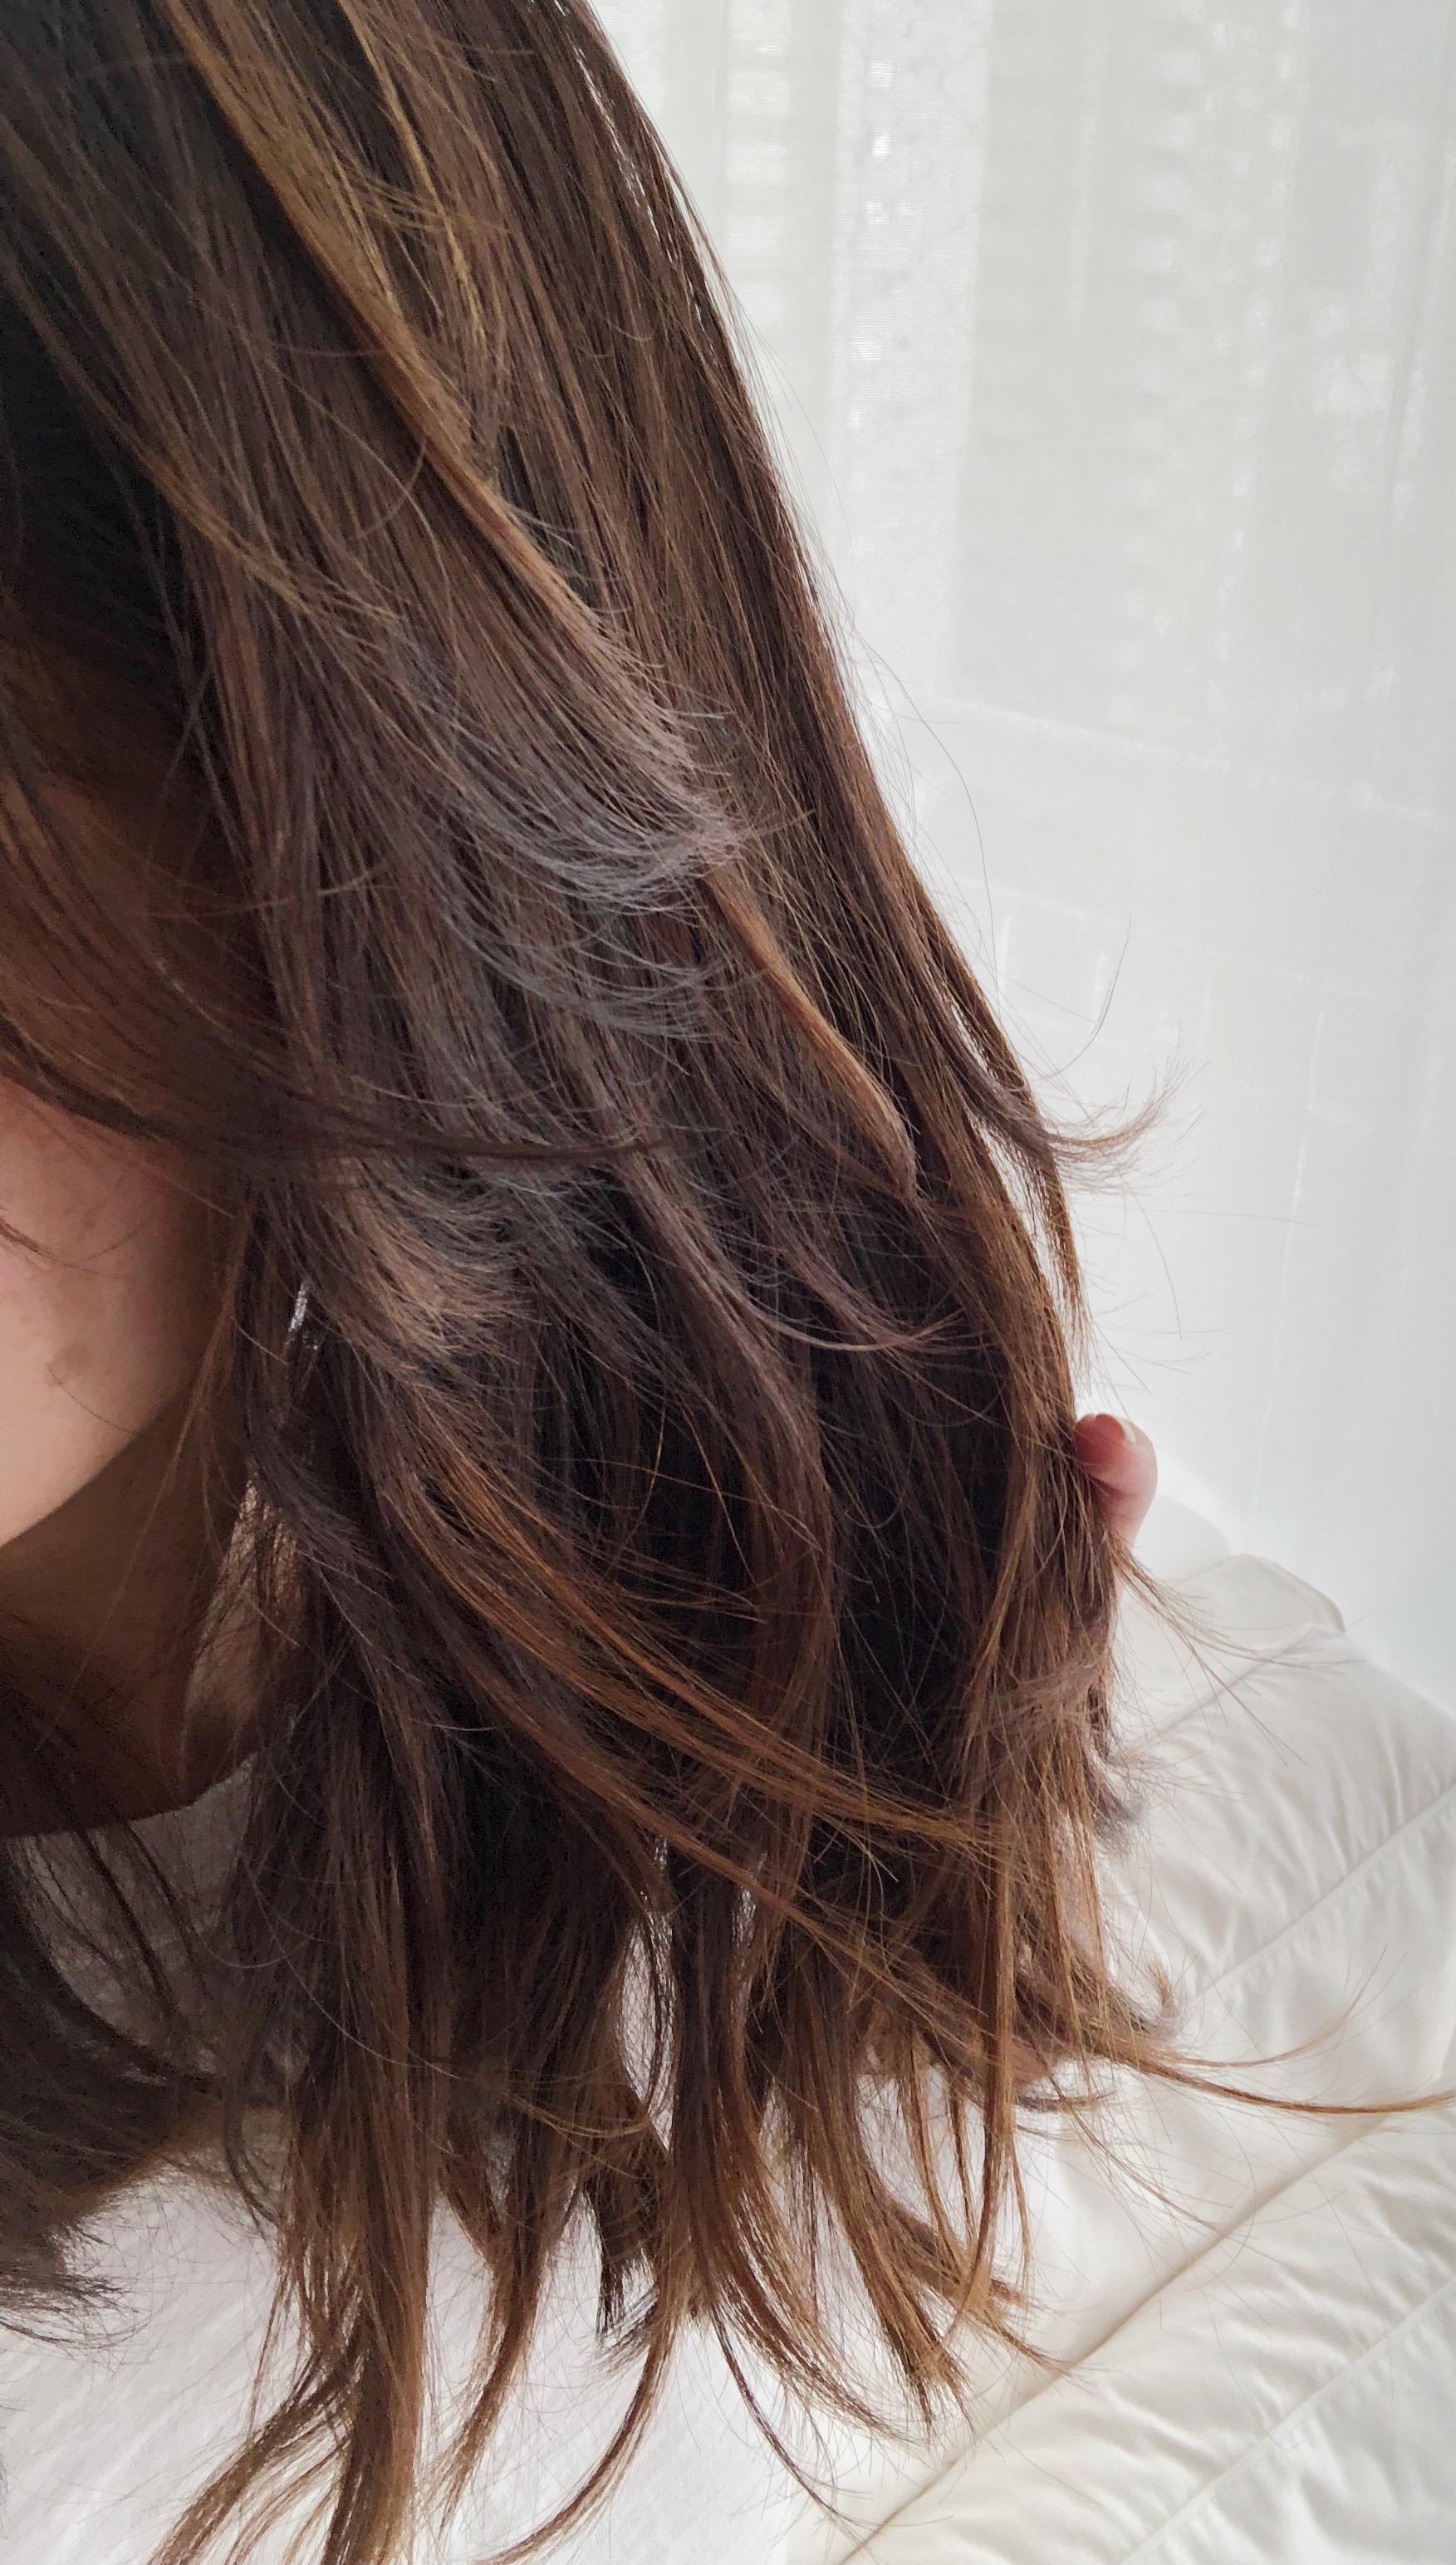 ABE2ECAD 4C81 4731 80BD C32BFAE2D075 - Salvei a cor do meu cabelo no salão do Christophe Robin em Paris